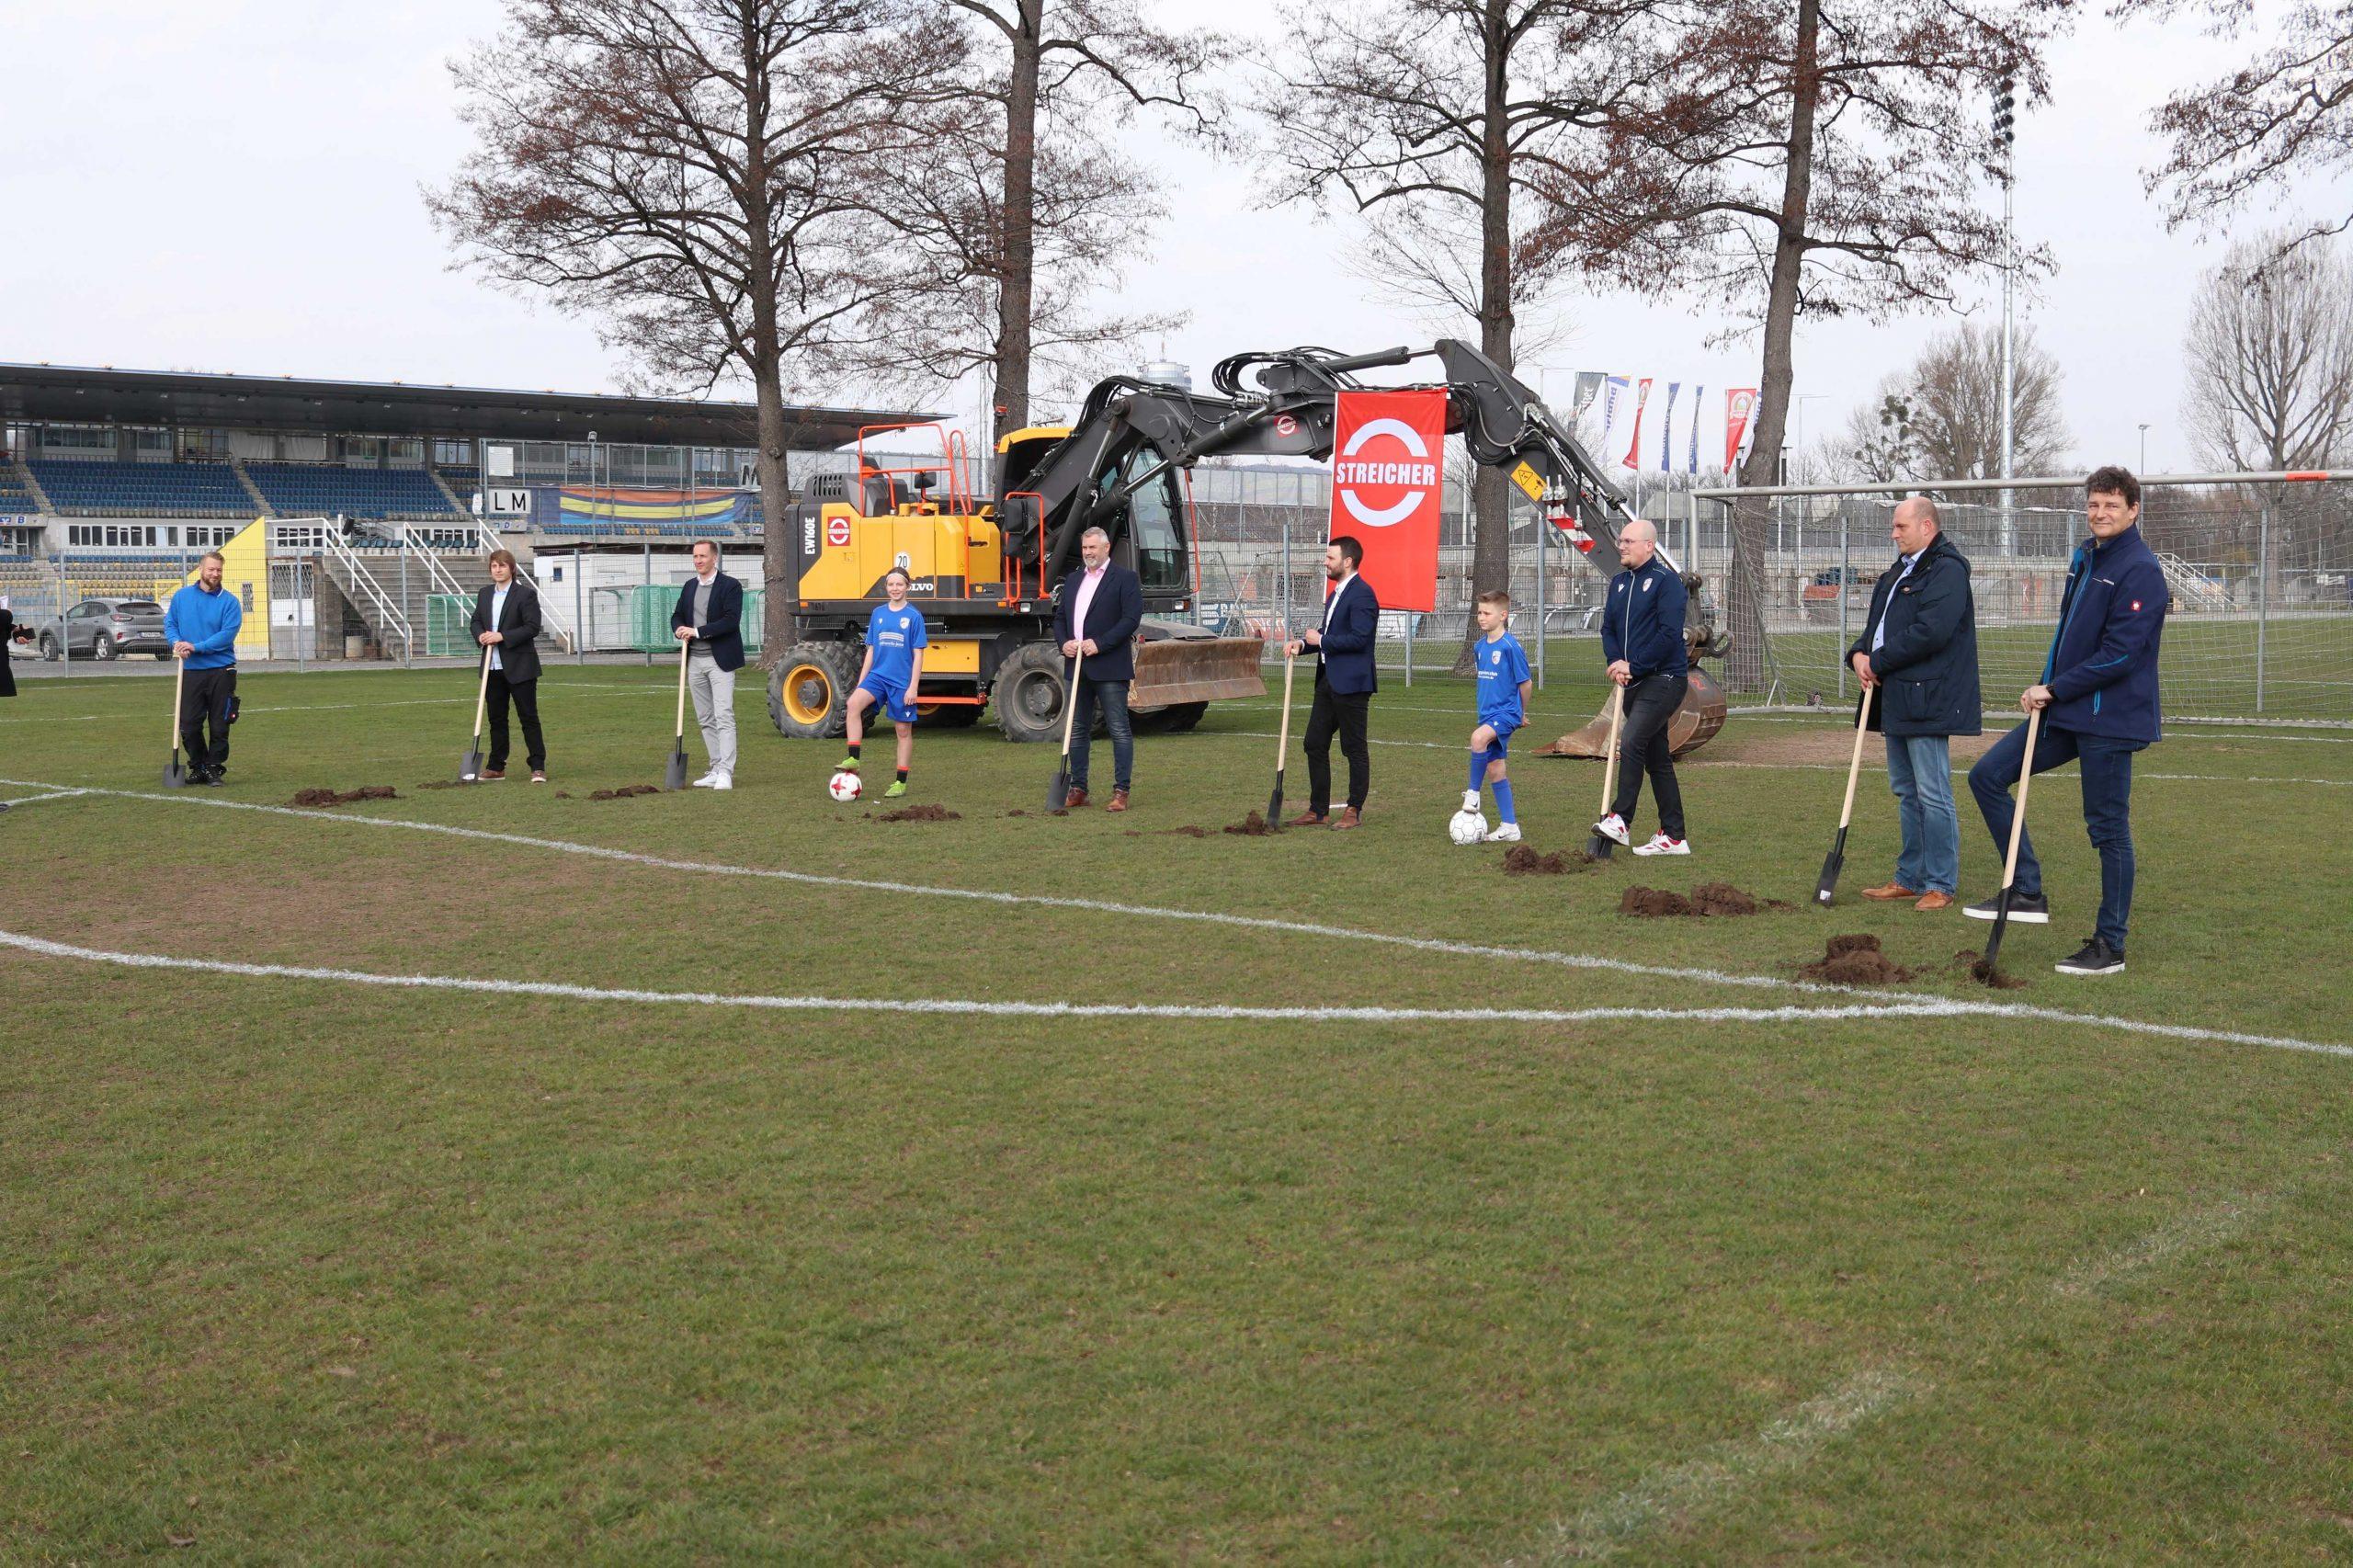 Spatenstich am neuen Rasenplatz der Ernst-Abbe-Stadions in Jena